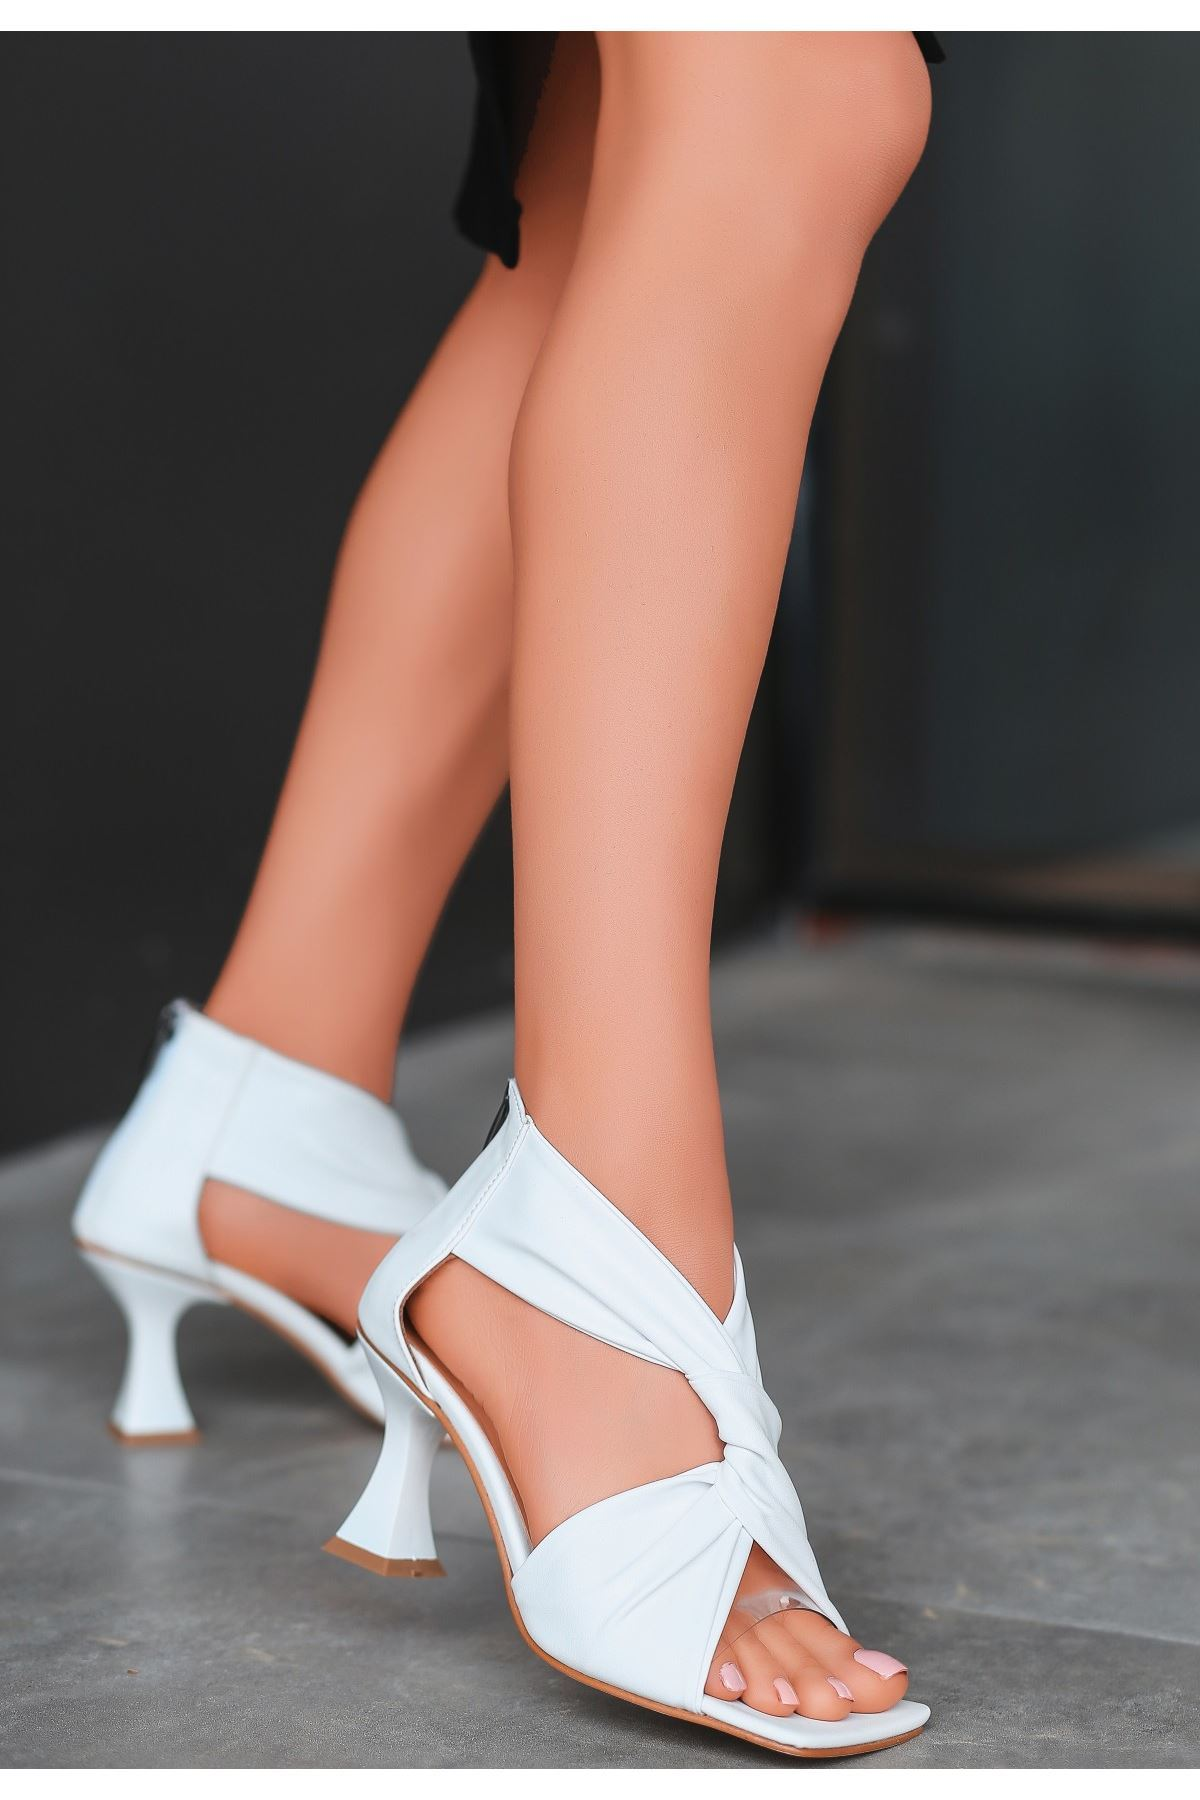 Myem Beyaz Cilt Topuklu Ayakkabı